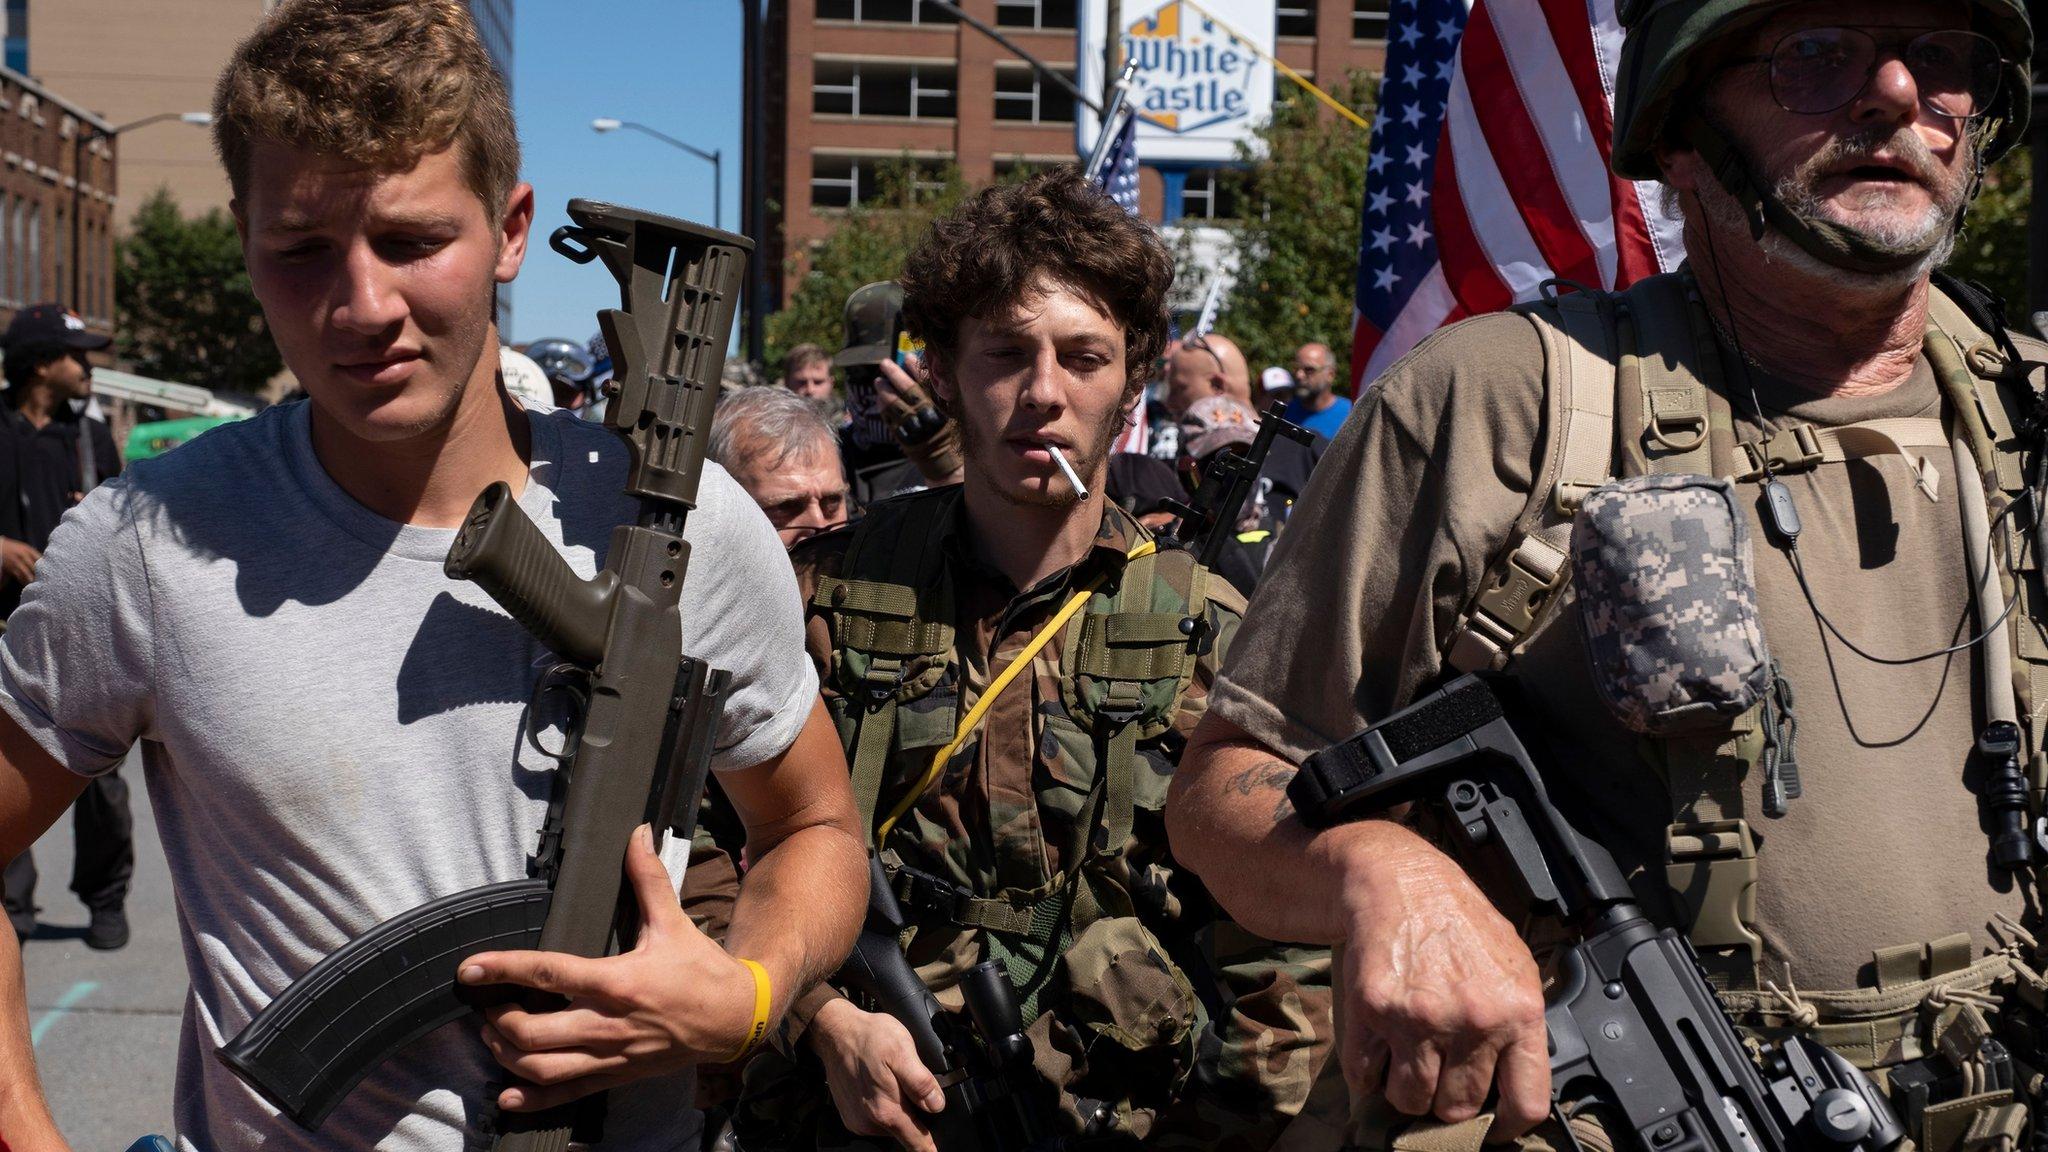 ¿Es inevitable la guerra civil en Estados Unidos? Por Thierry Meyssan | Red Voltaire